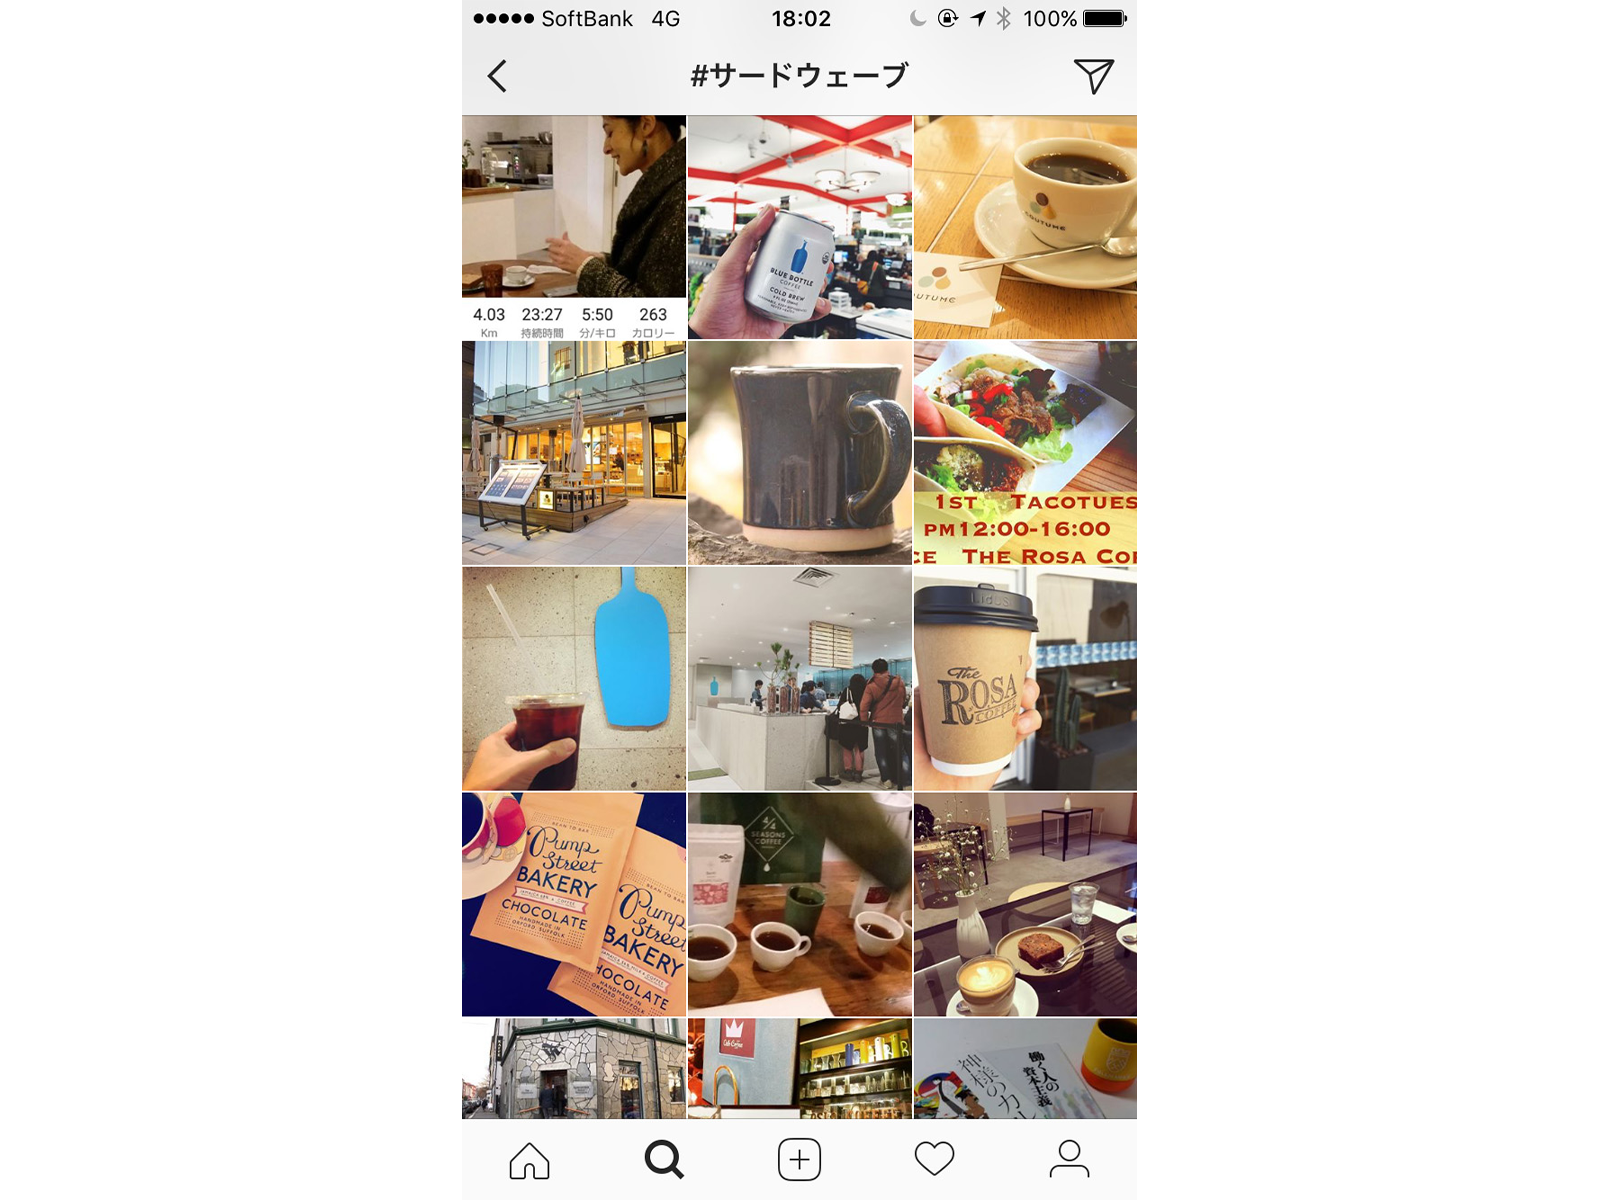 Instagramで「#サードウェーブ」を調べると、コーヒーやチョコレートの写真がたくさん。商品だけでなく、店舗への注目度も高い!